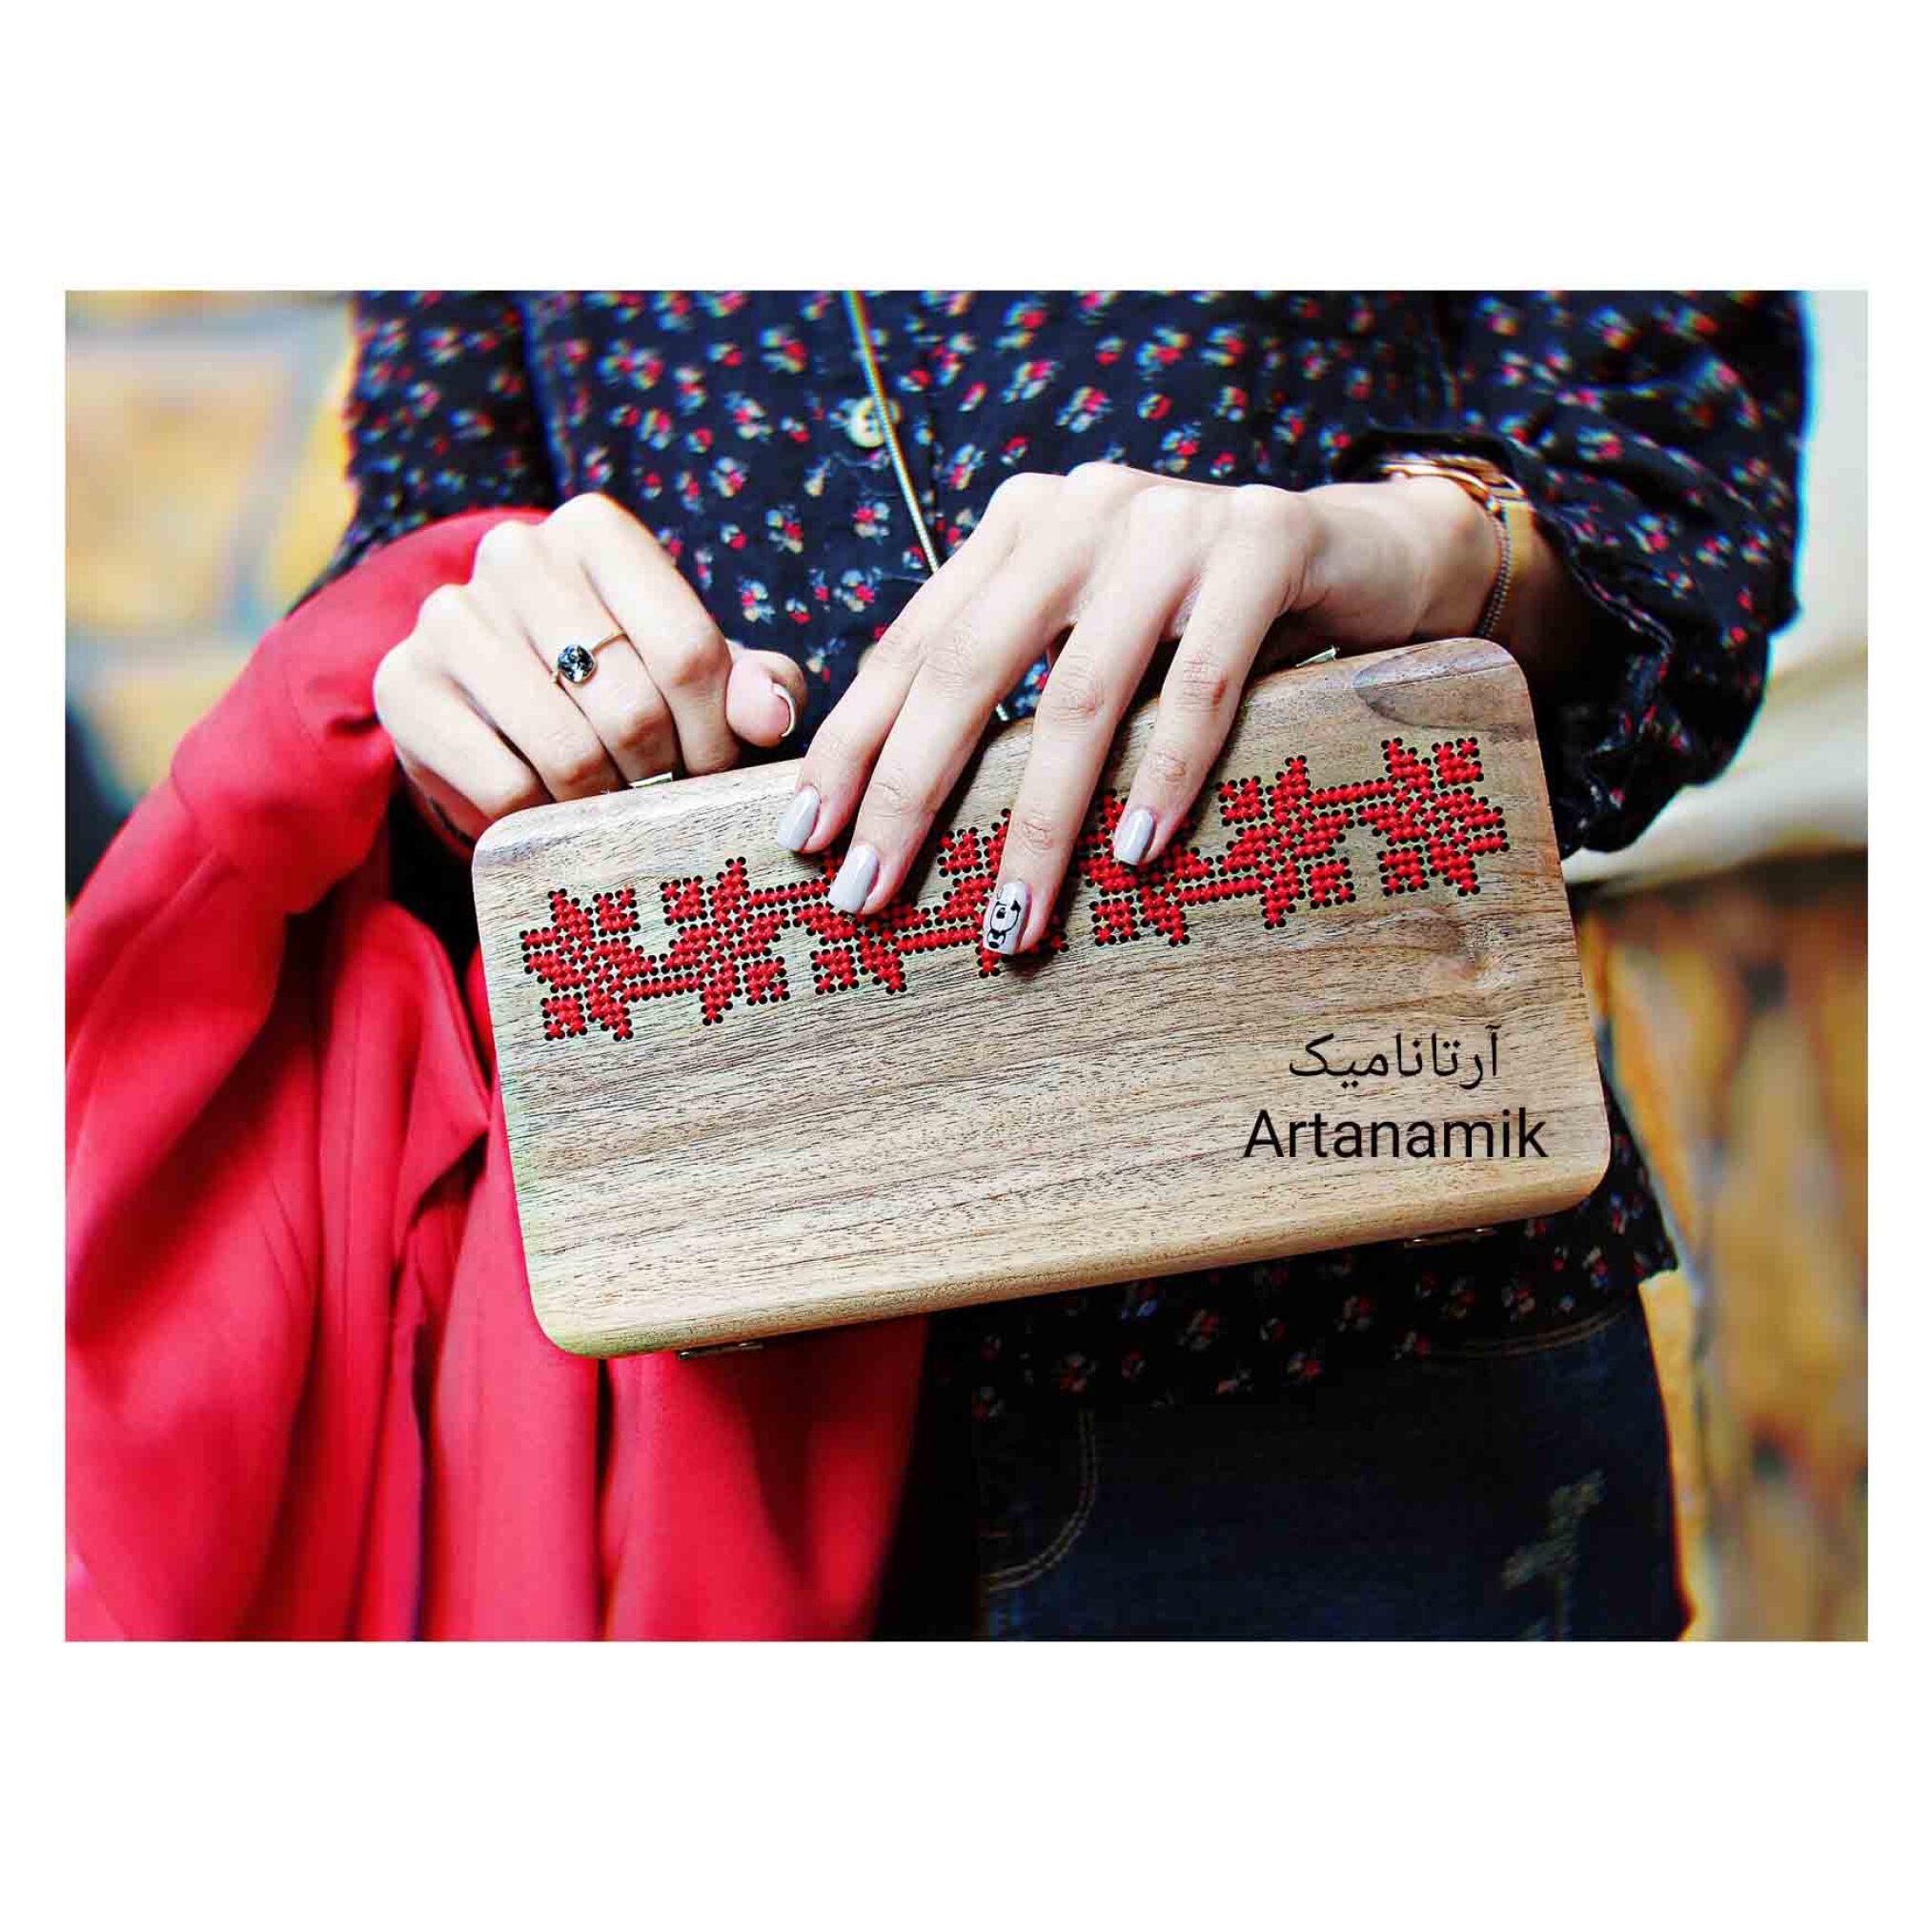 کیف چوبی کادویی طرح چترا، چرم دوزی شده و ساخته شده از چوب گردو